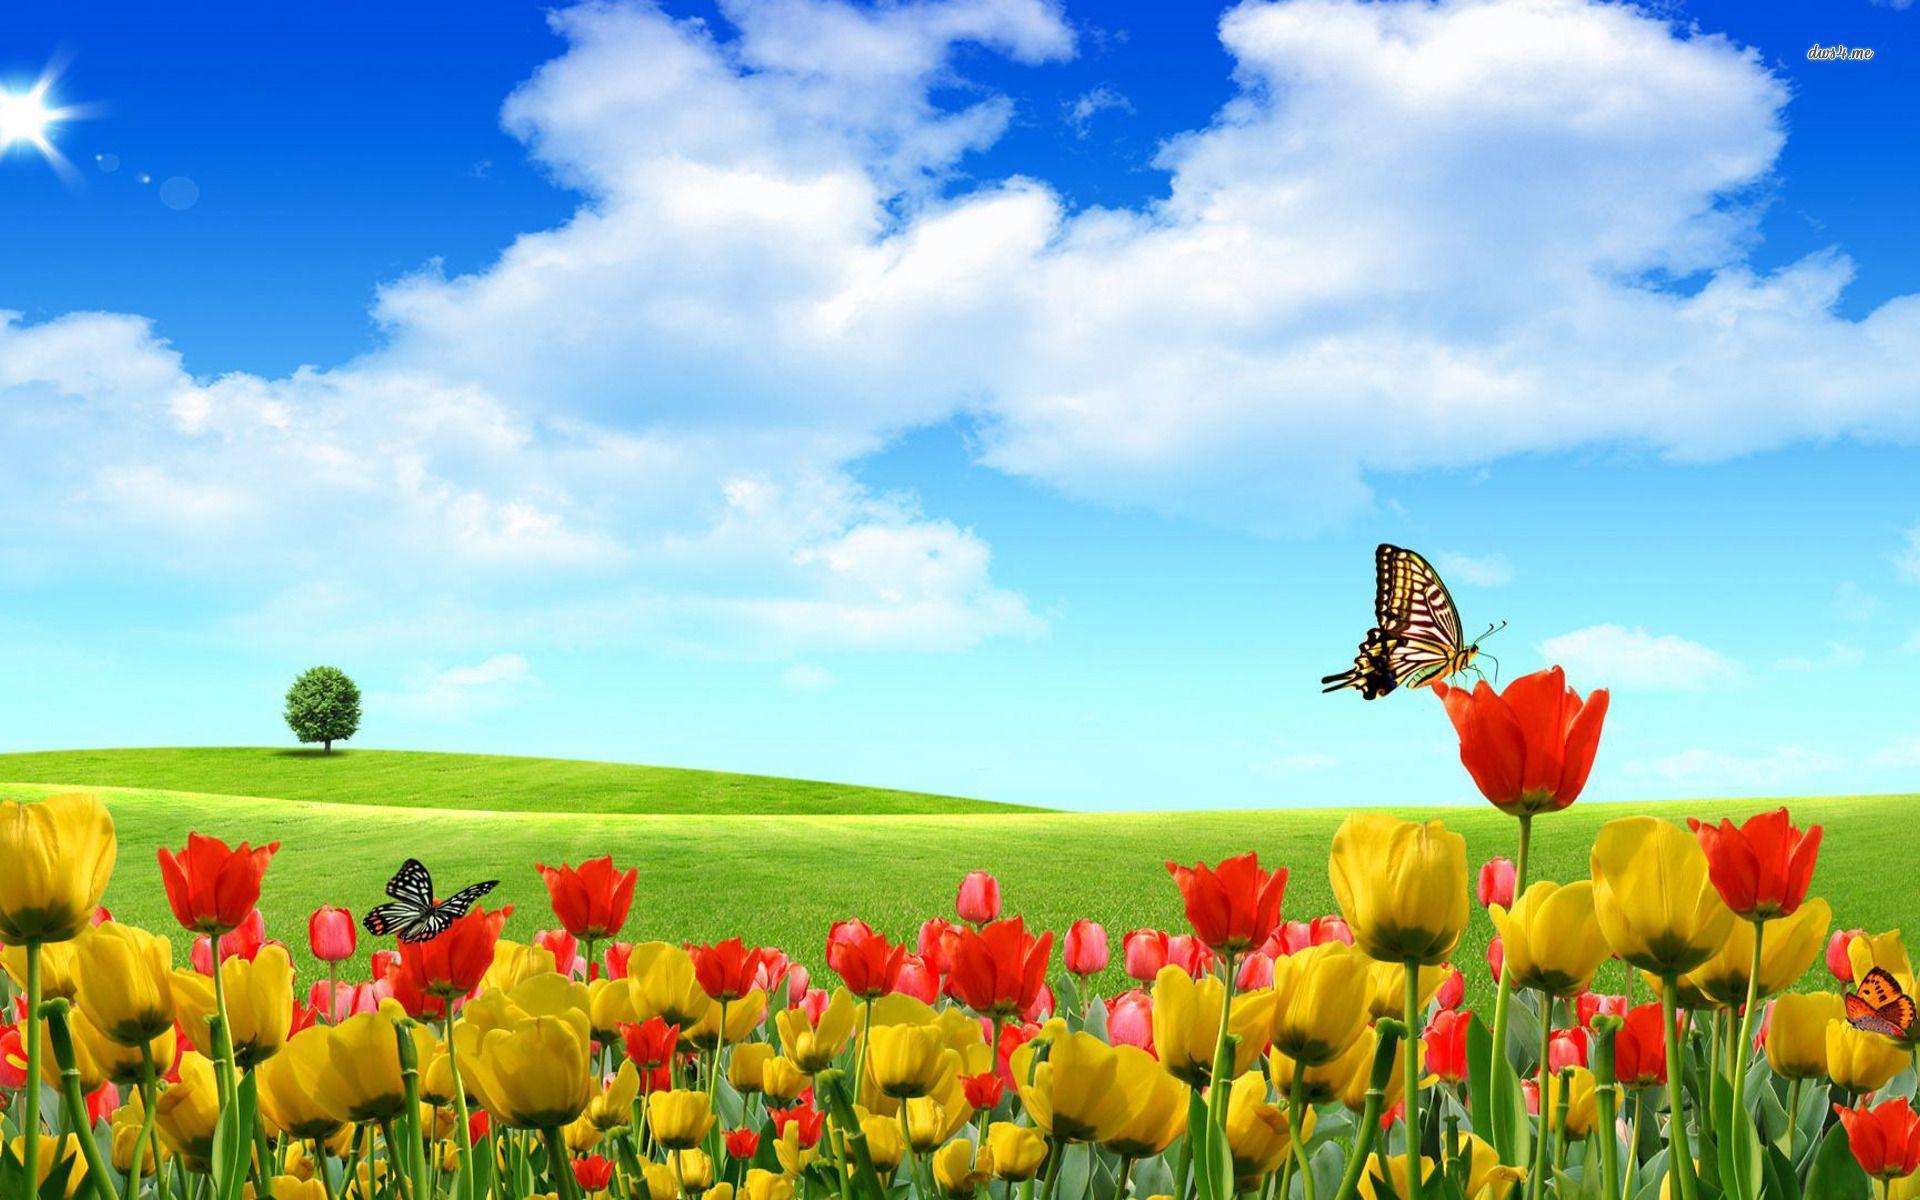 Hình nền thiên nhiên bướm xuân 1920x1200